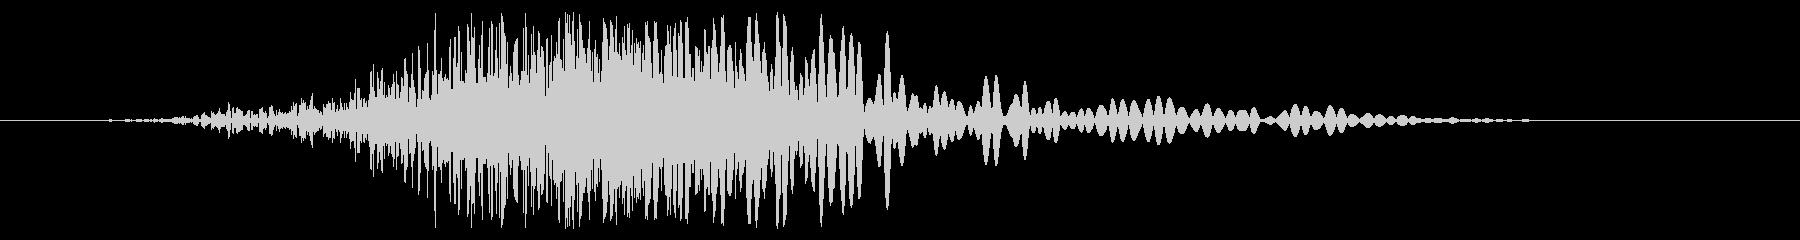 着信クランチの迅速な影響の未再生の波形